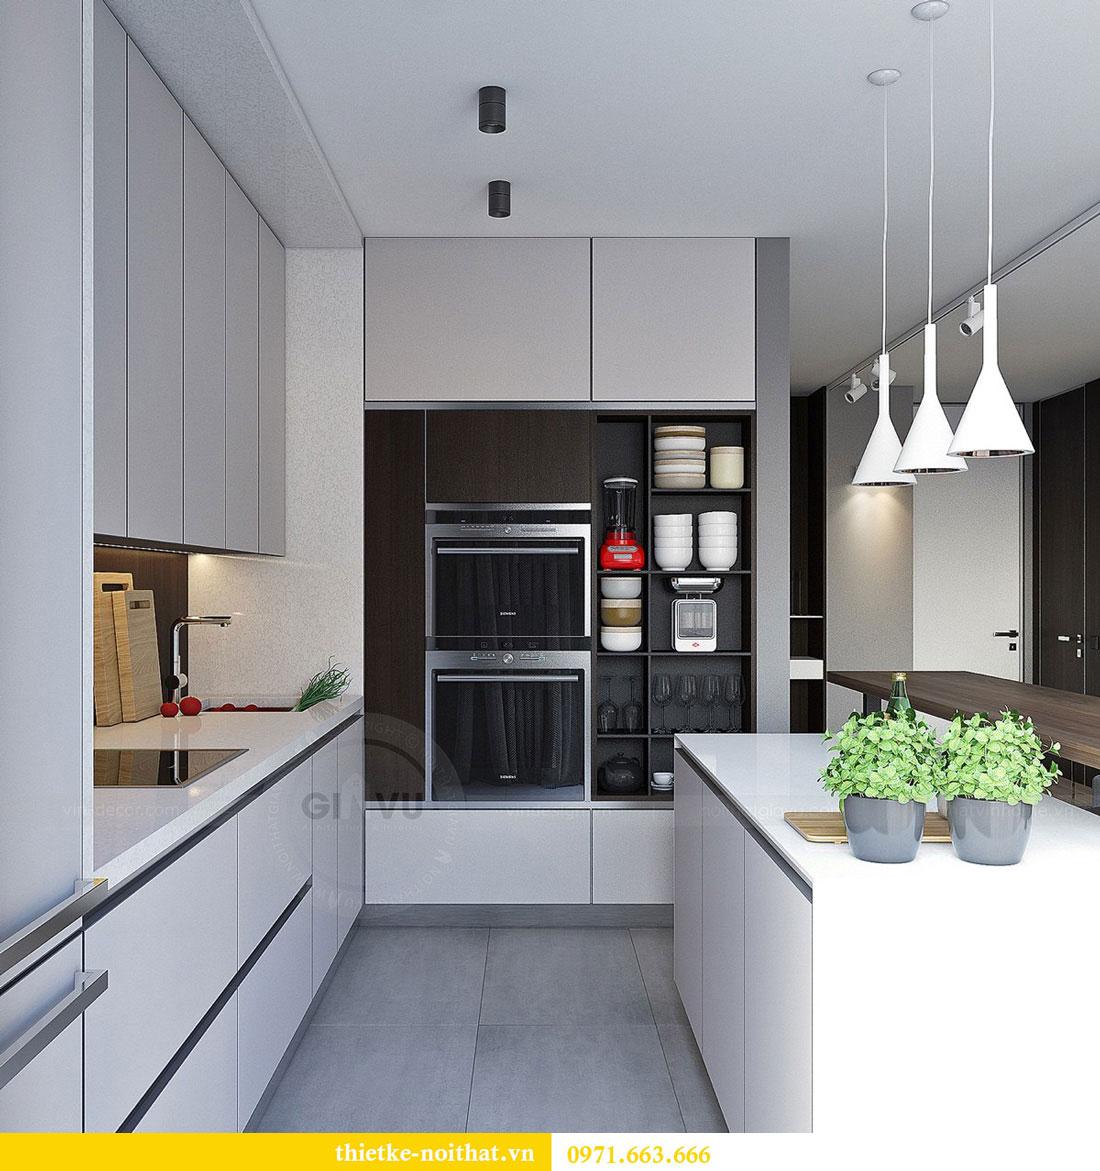 Thiết kế nội thất biệt thự Vinhomes Green Bay Mễ Trì 11